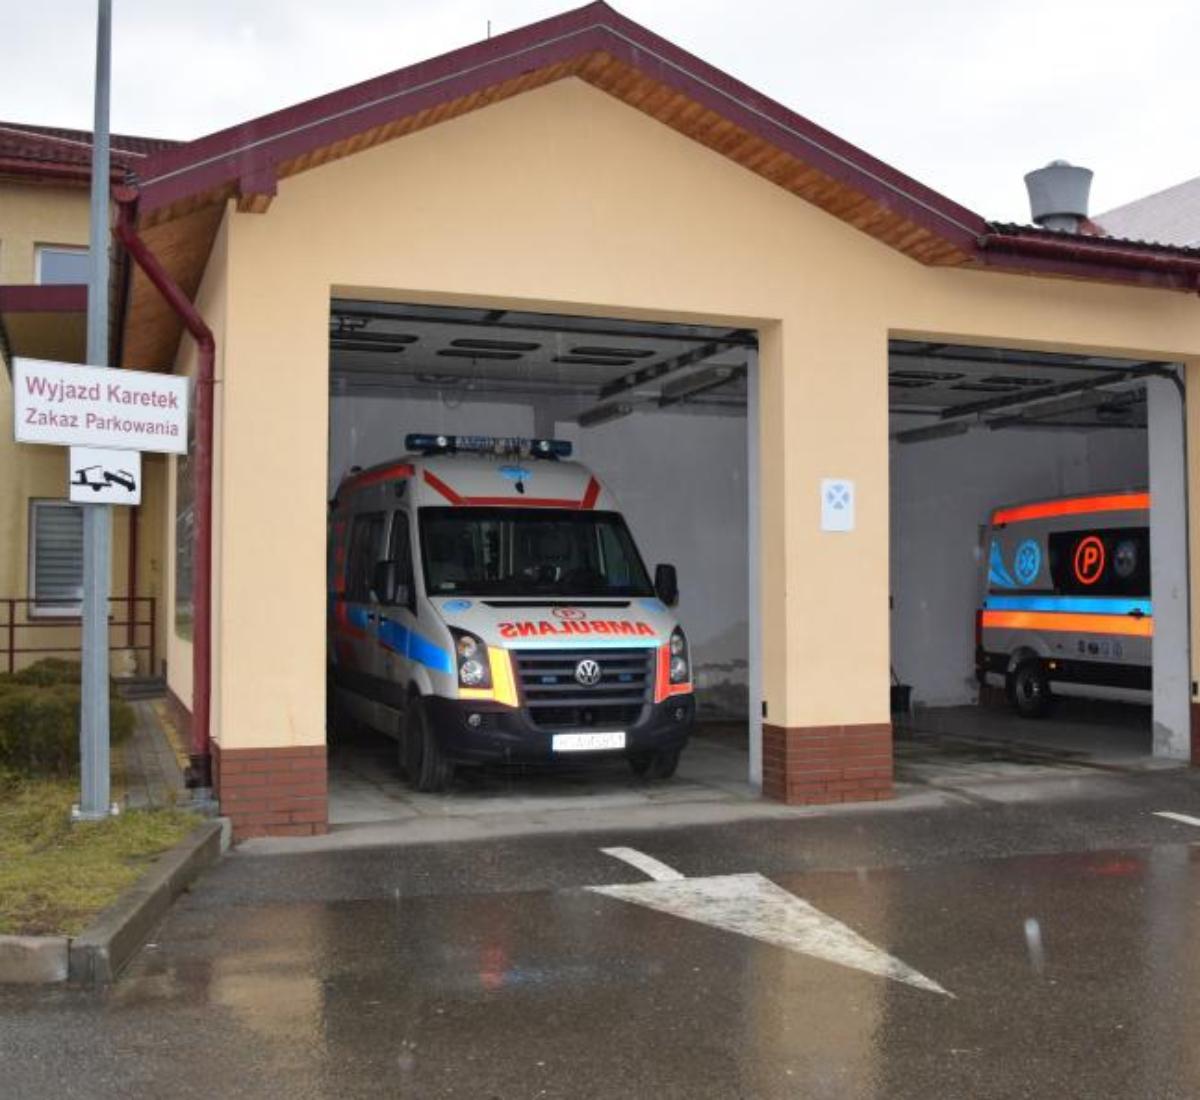 Bieszczadzkie Pogotowie Ratunkowe otrzyma kolejne ambulanse! - Zdjęcie główne